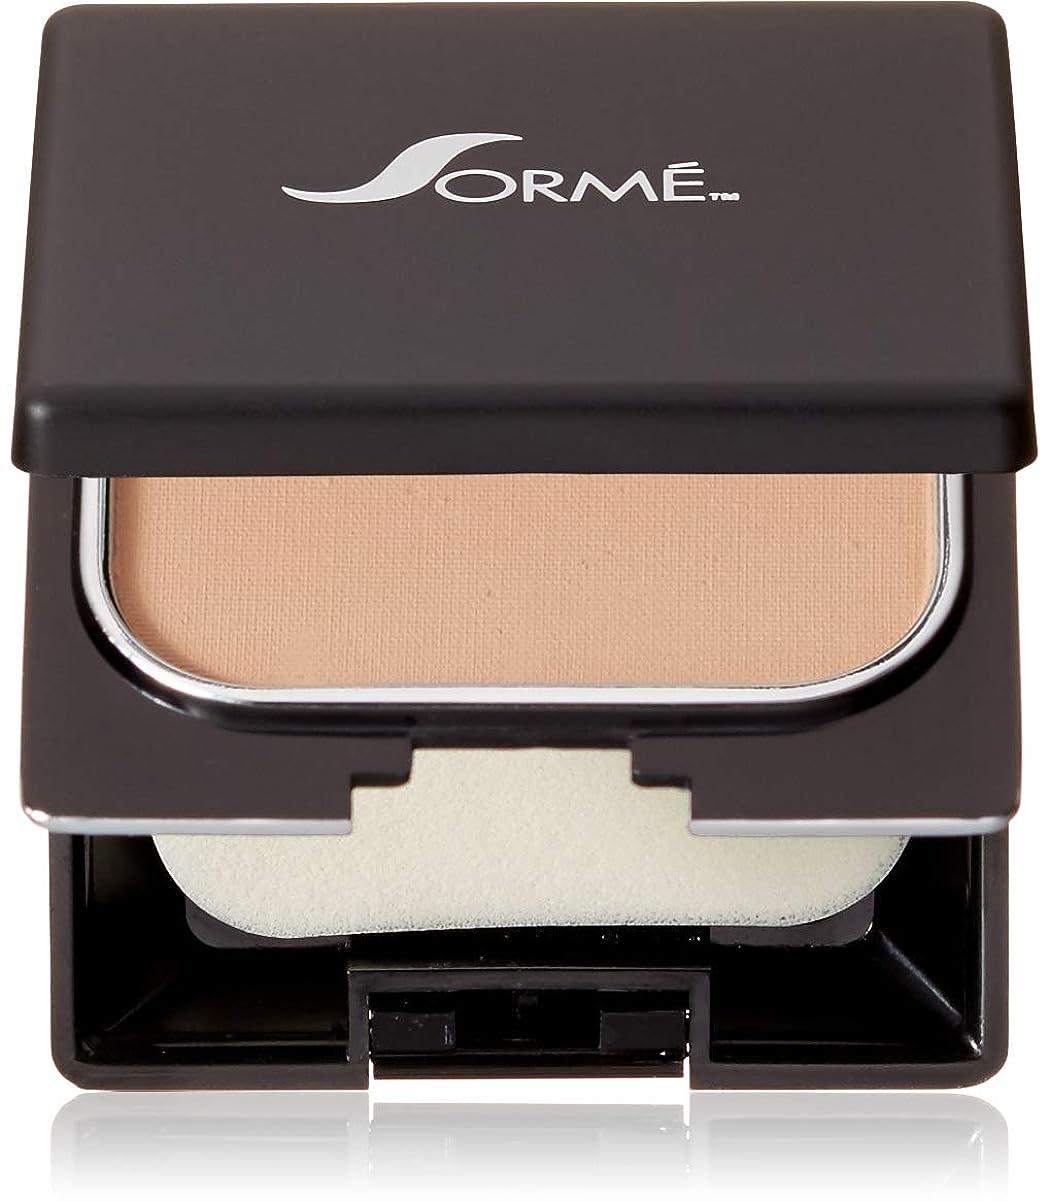 意志アジア人褐色Sorme' Treatment Cosmetics Sorme化粧品信じフィニッシュパウダーファンデーション、0.23オンス 0.23オンス ブラッシュベージュ